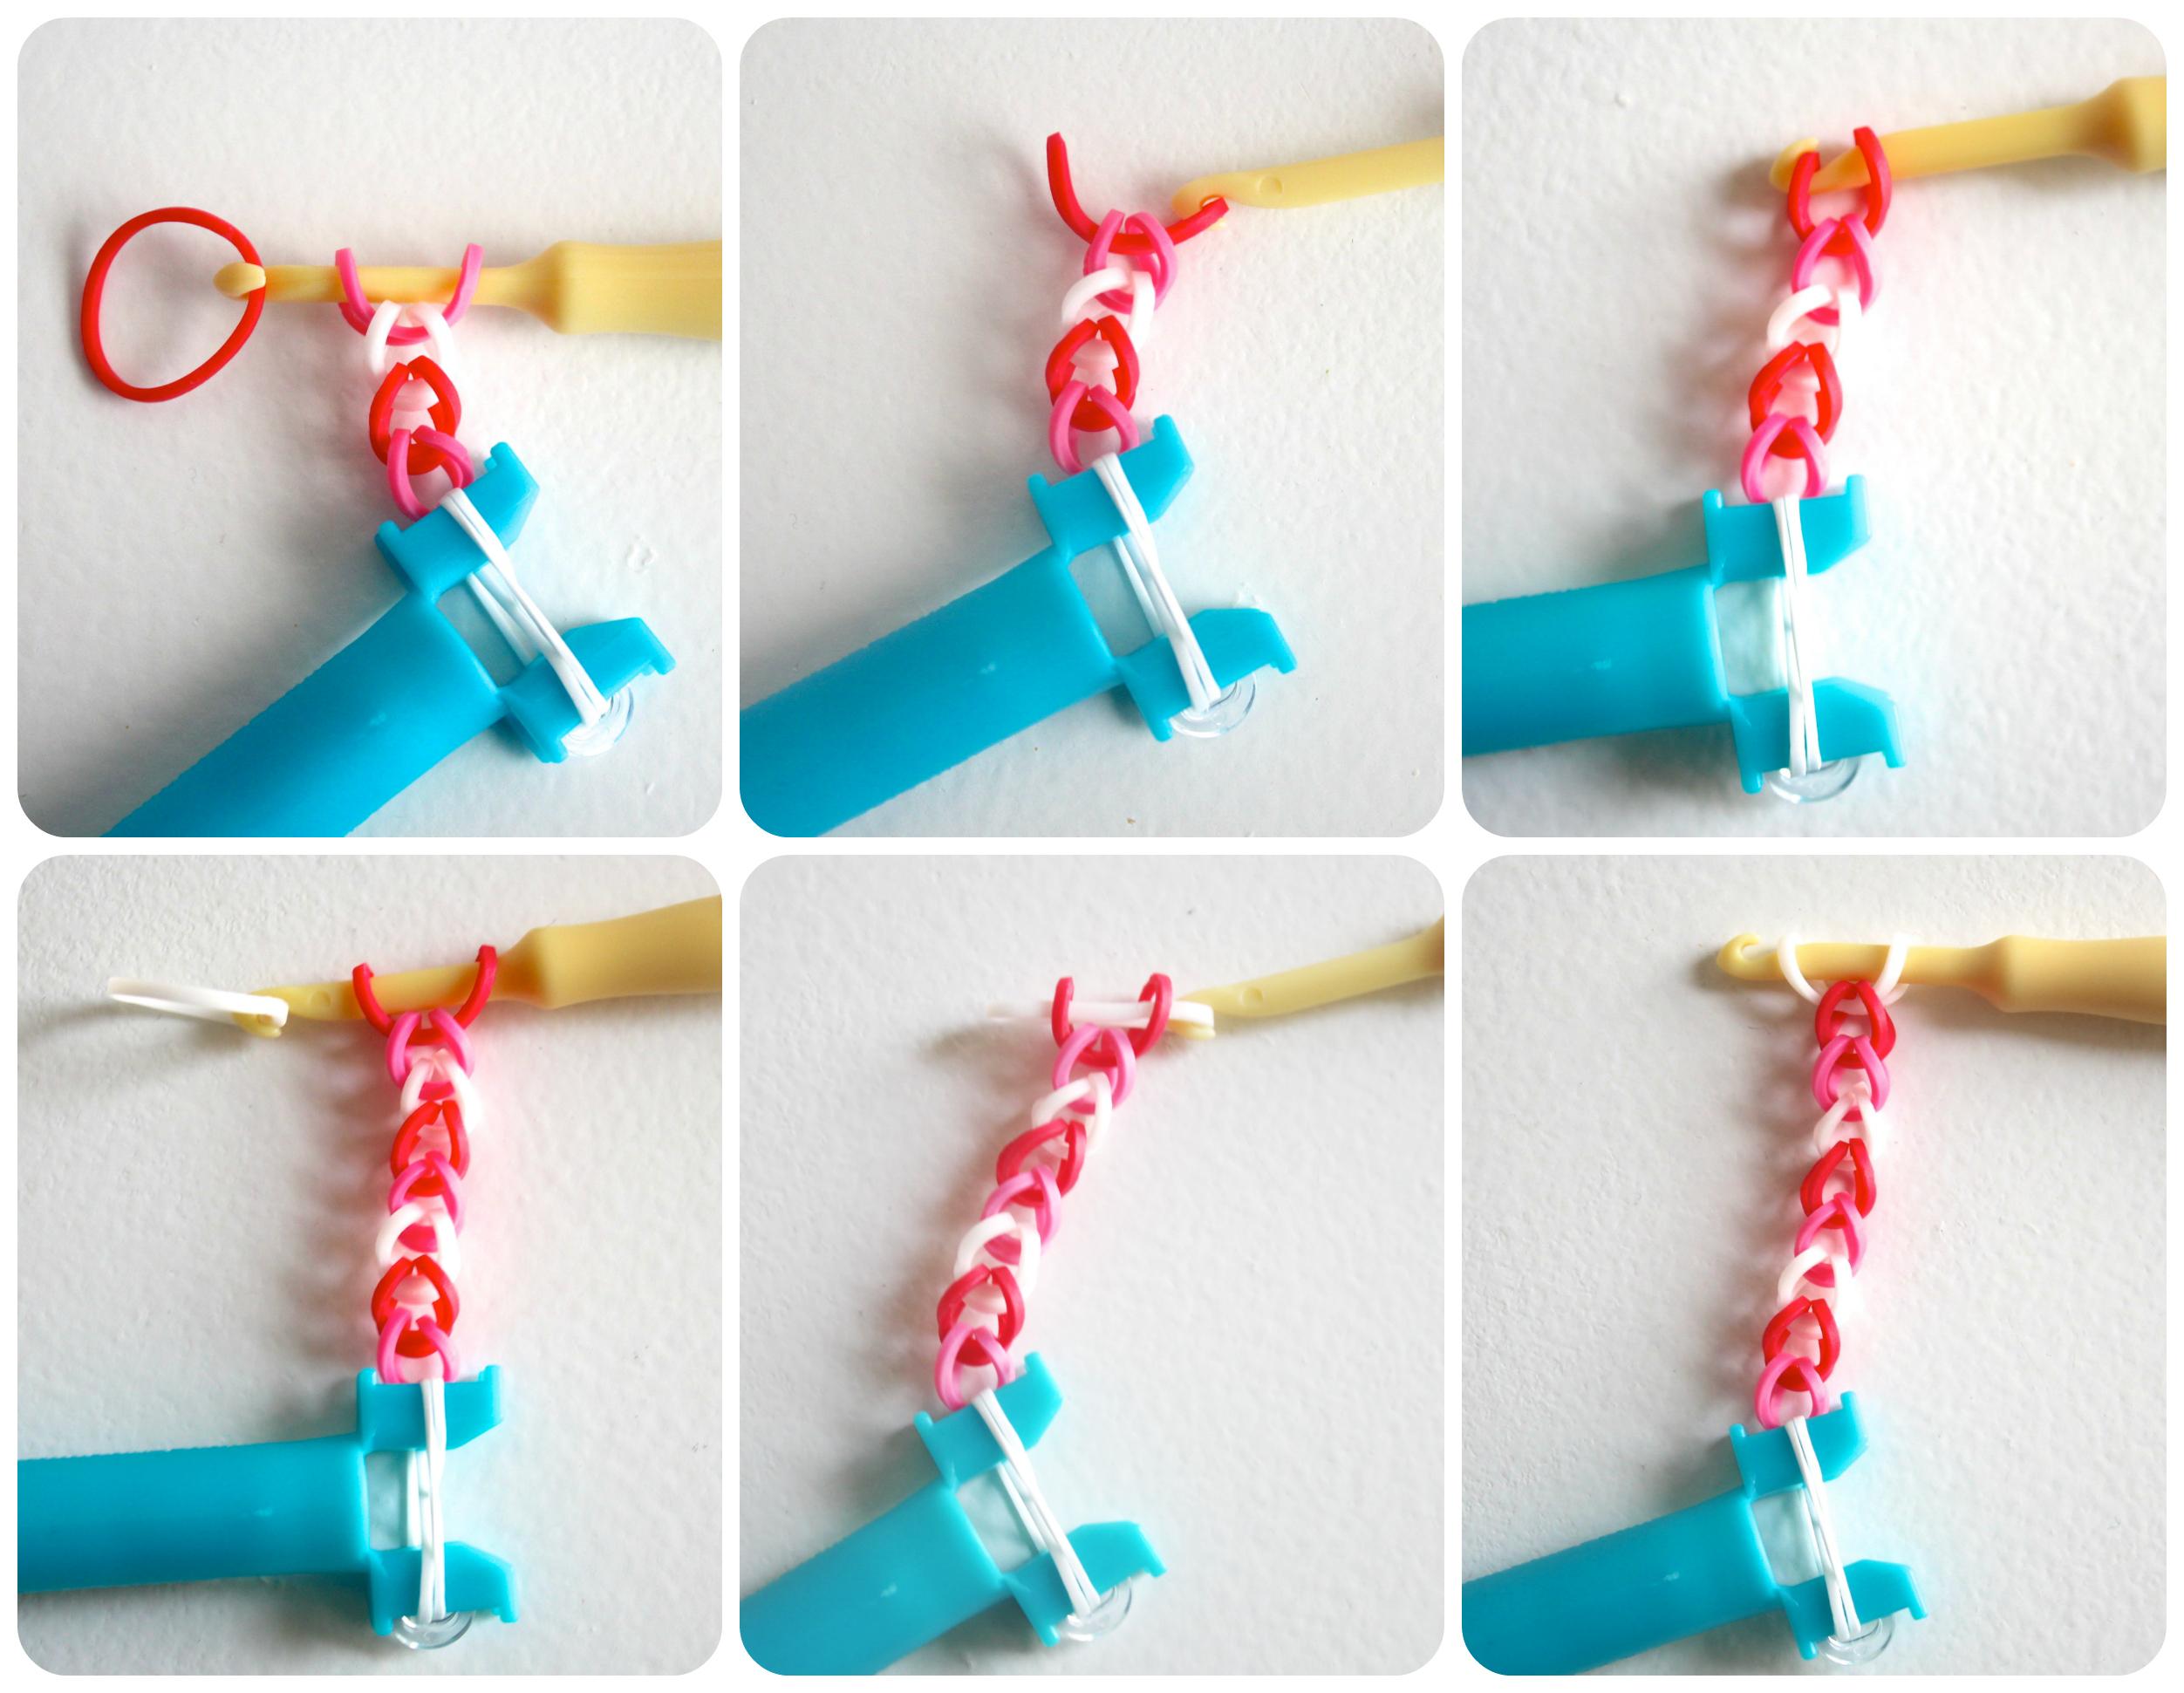 Как сделать браслеты из резинок поэтапно